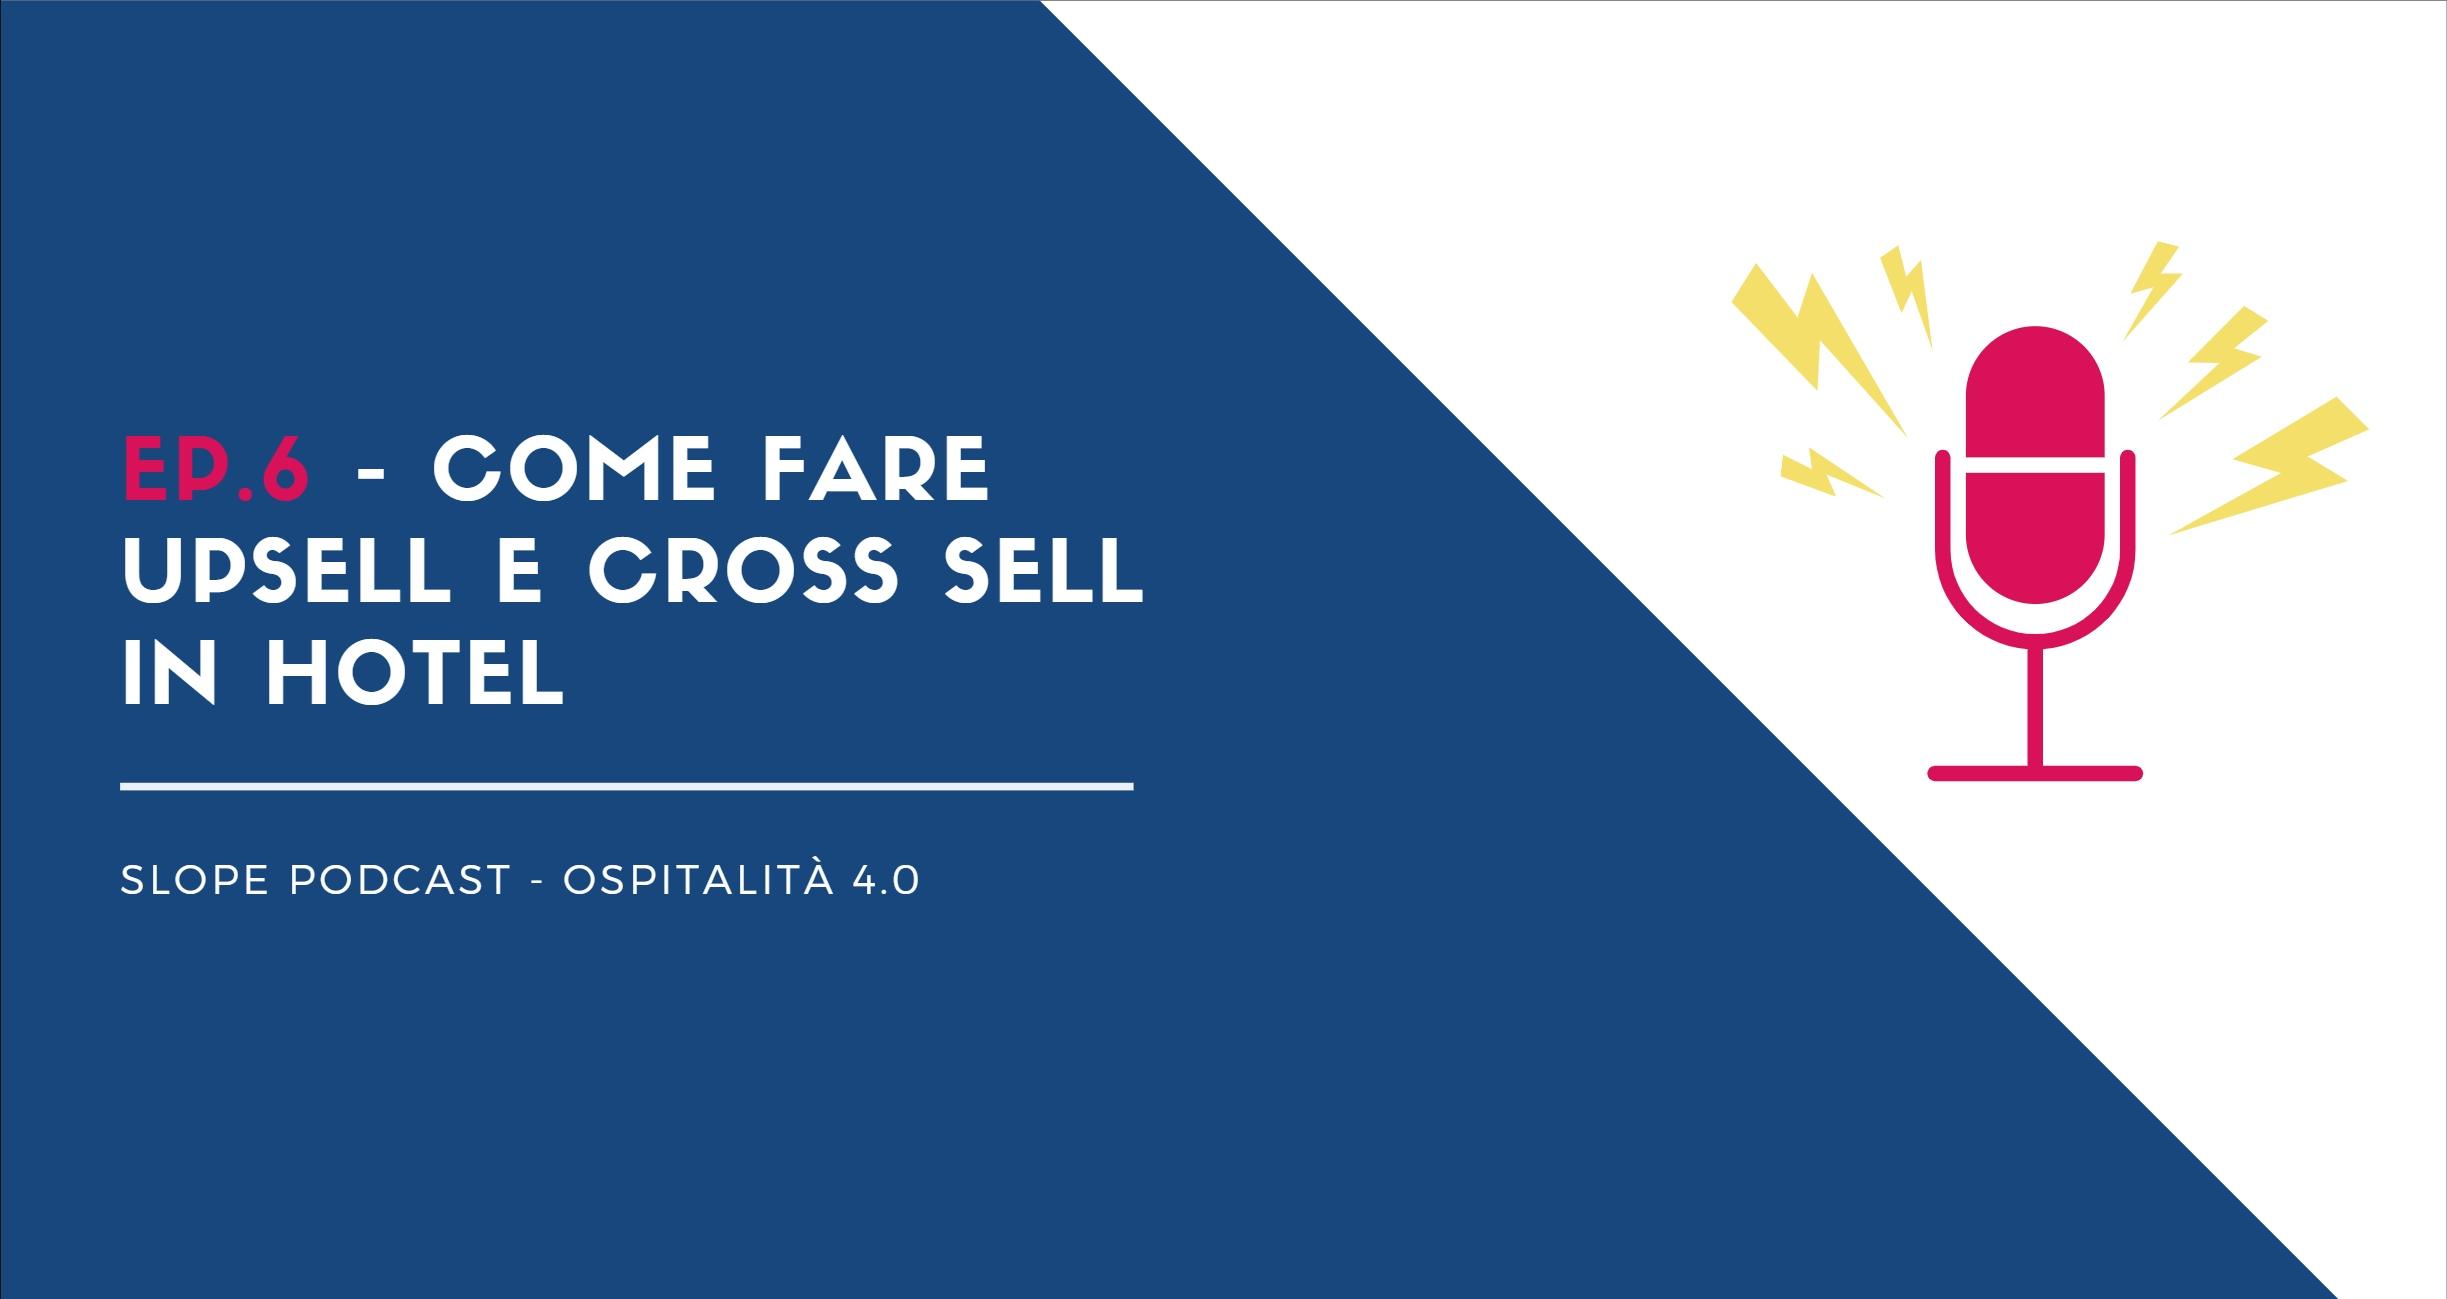 come fare upsell e cross sell in hotel.